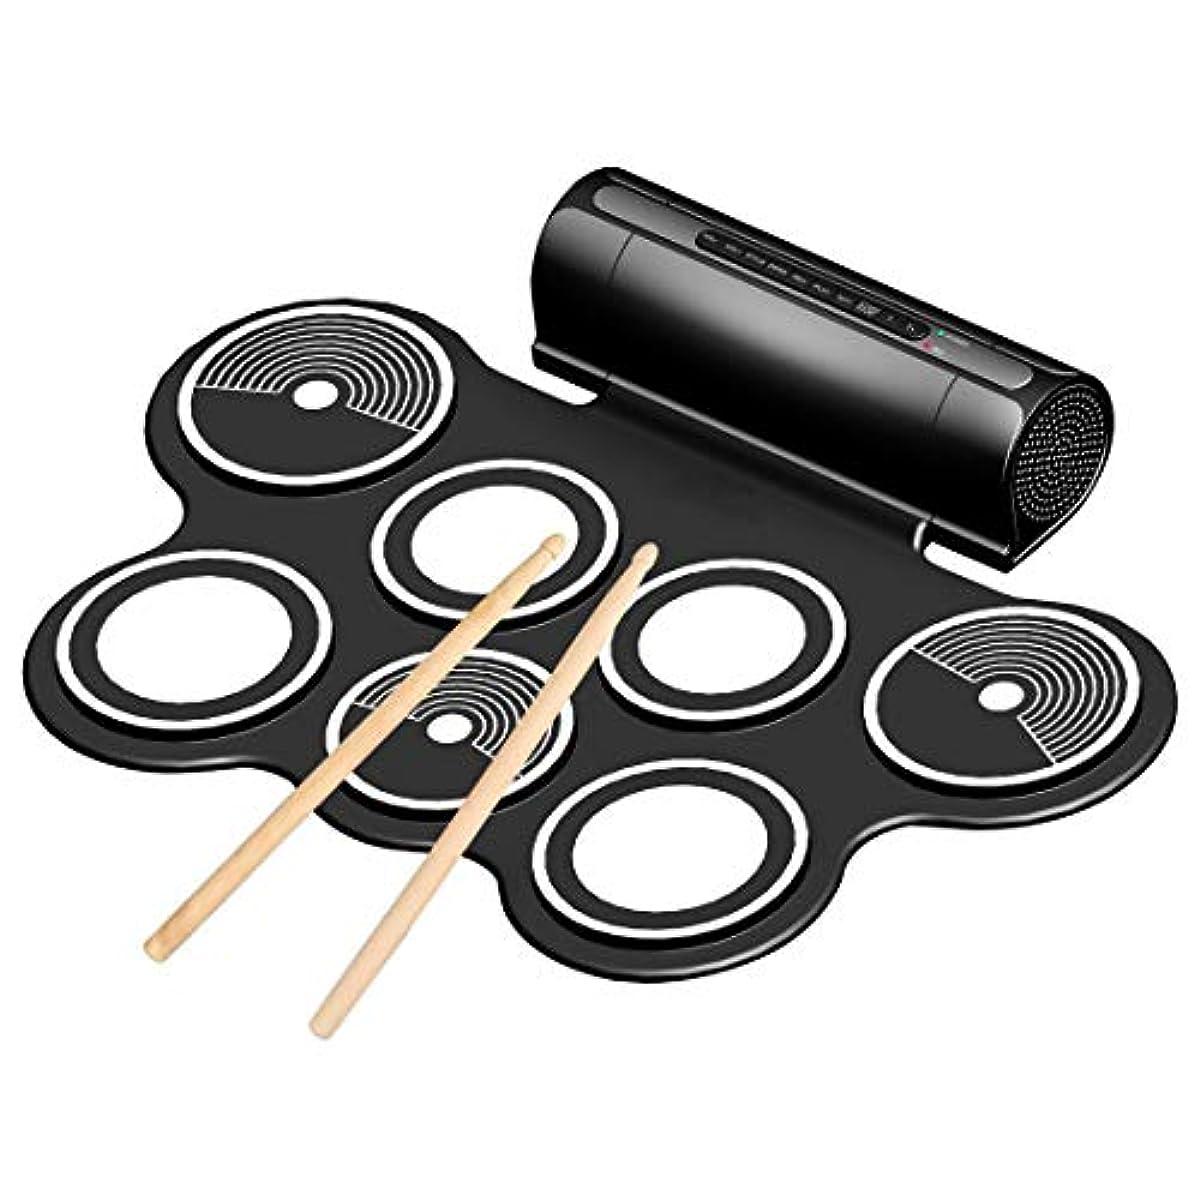 [해외] 전자 MIDI 롤업 드럼 세트 스피커 부착-포터블 드럼 키트.녹음 기능과 이어폰잭,초심자의 선택